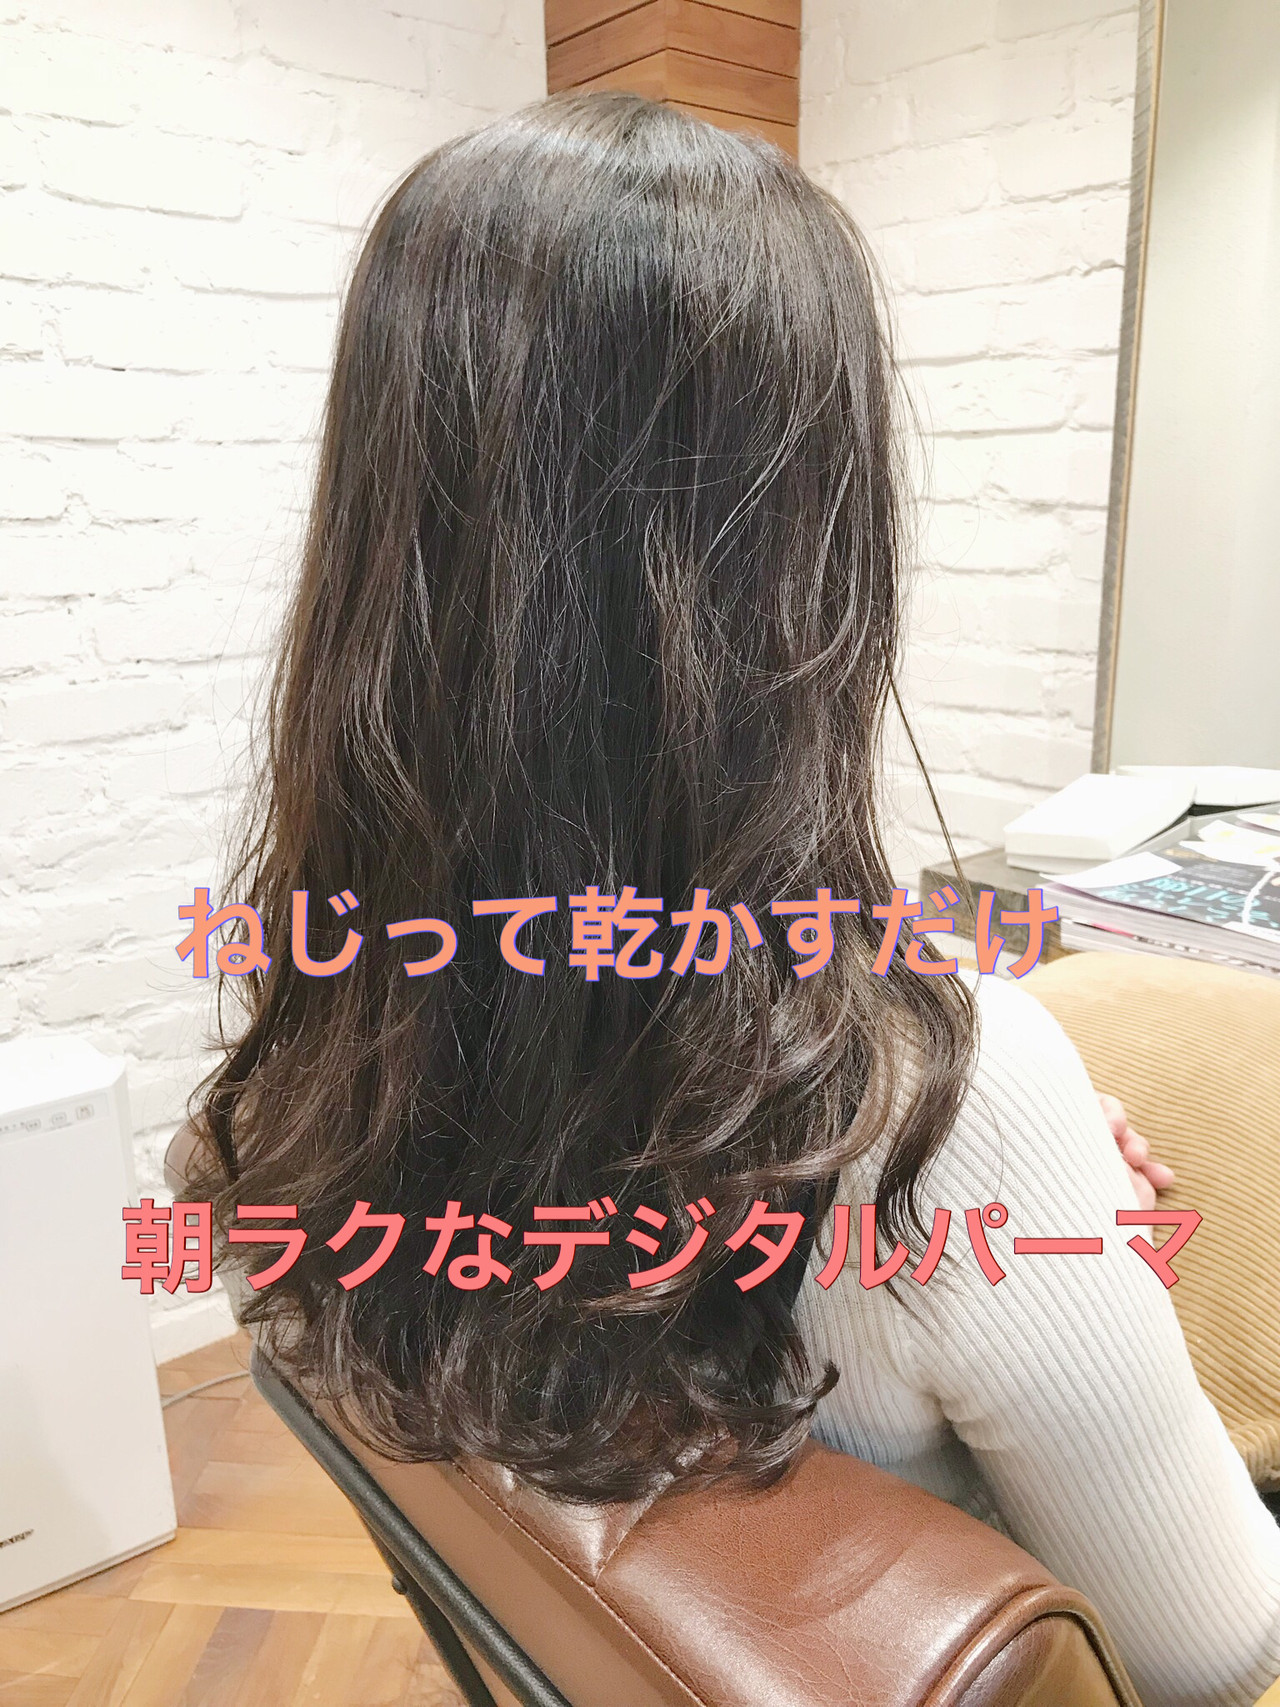 ヘアアレンジ パーマ オフィス ロング ヘアスタイルや髪型の写真・画像